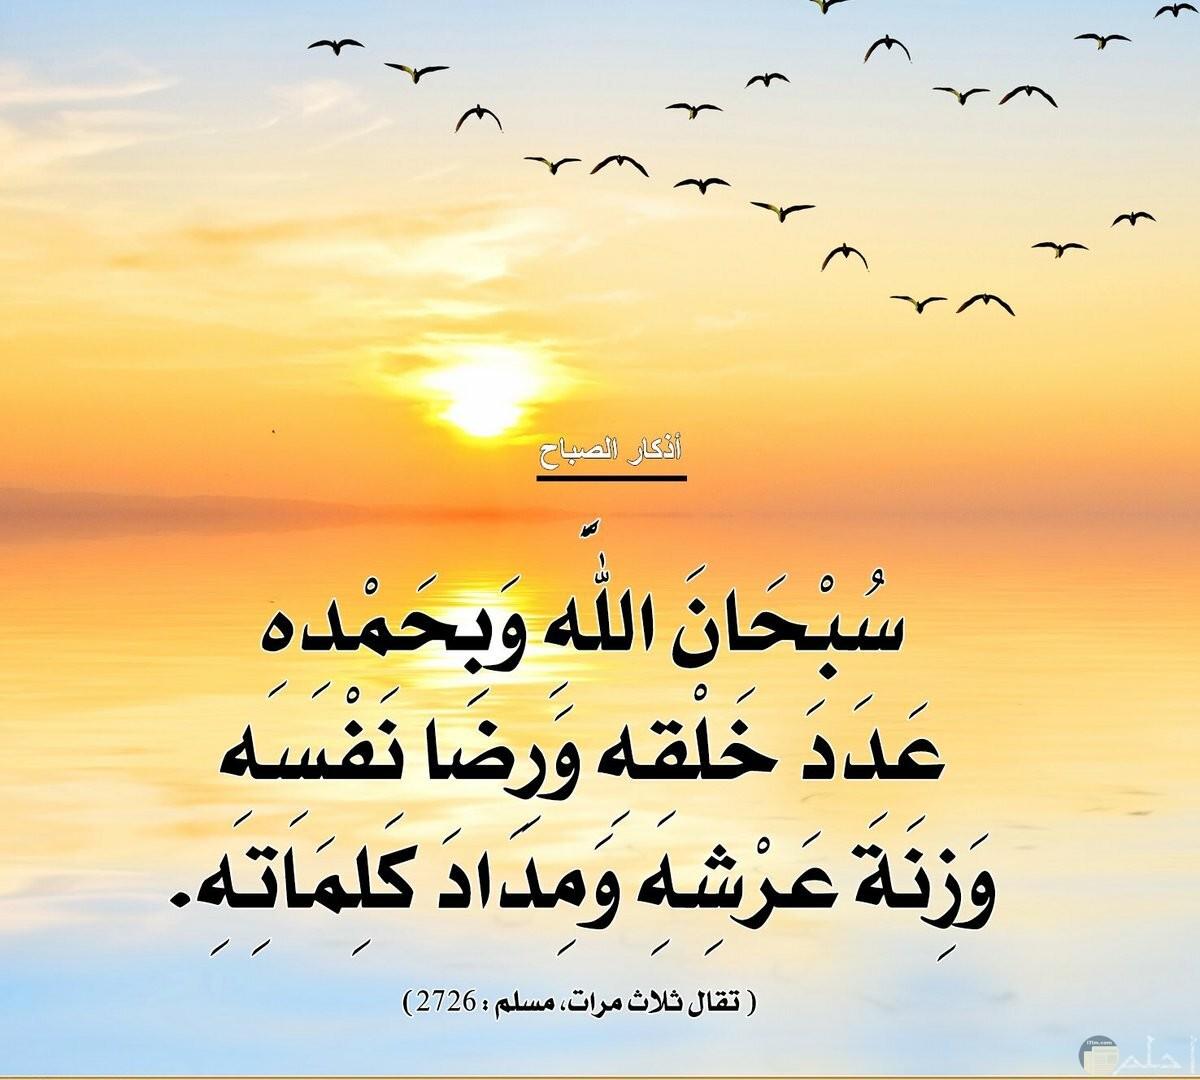 سبحان الله و بحمده عددخلقه و رضا نفسه و مداد كلماته.